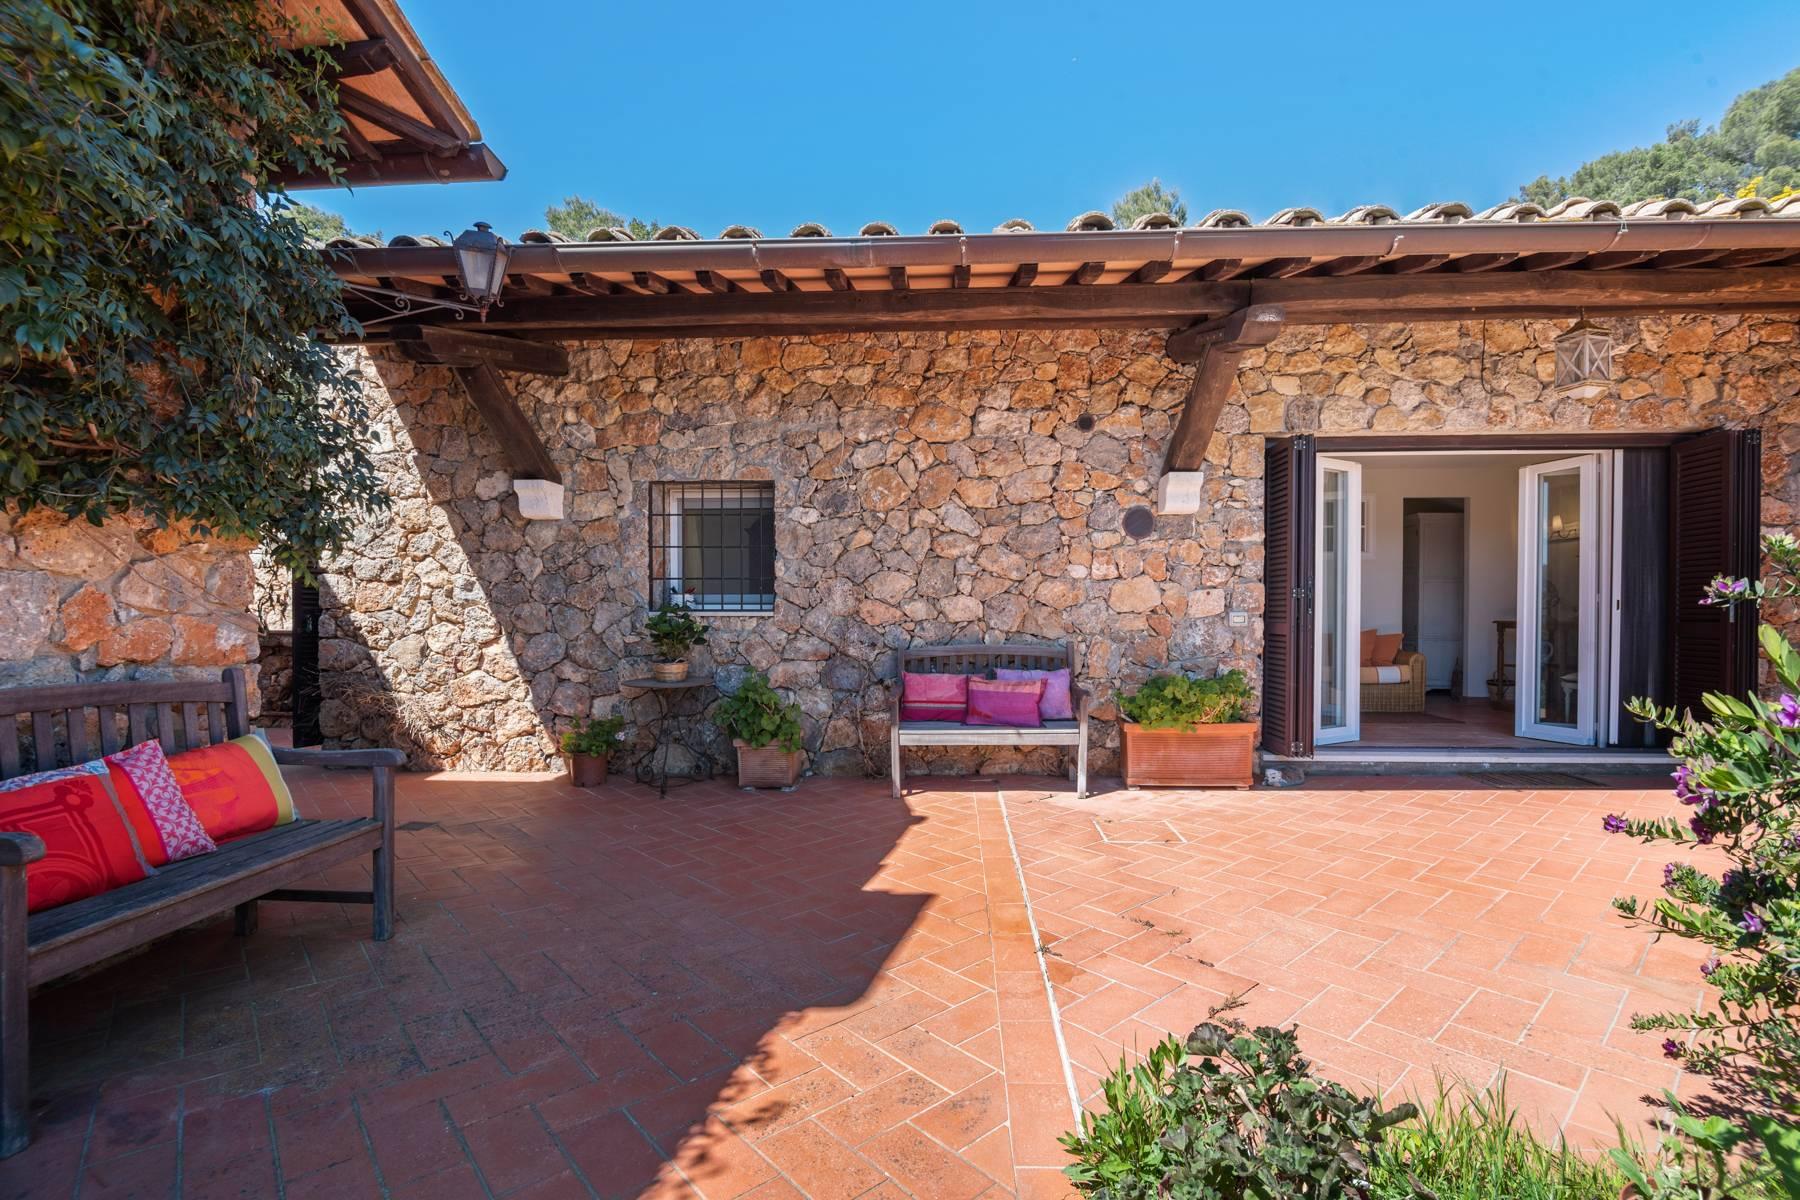 Villa in Vendita a Monte Argentario: 5 locali, 124 mq - Foto 24